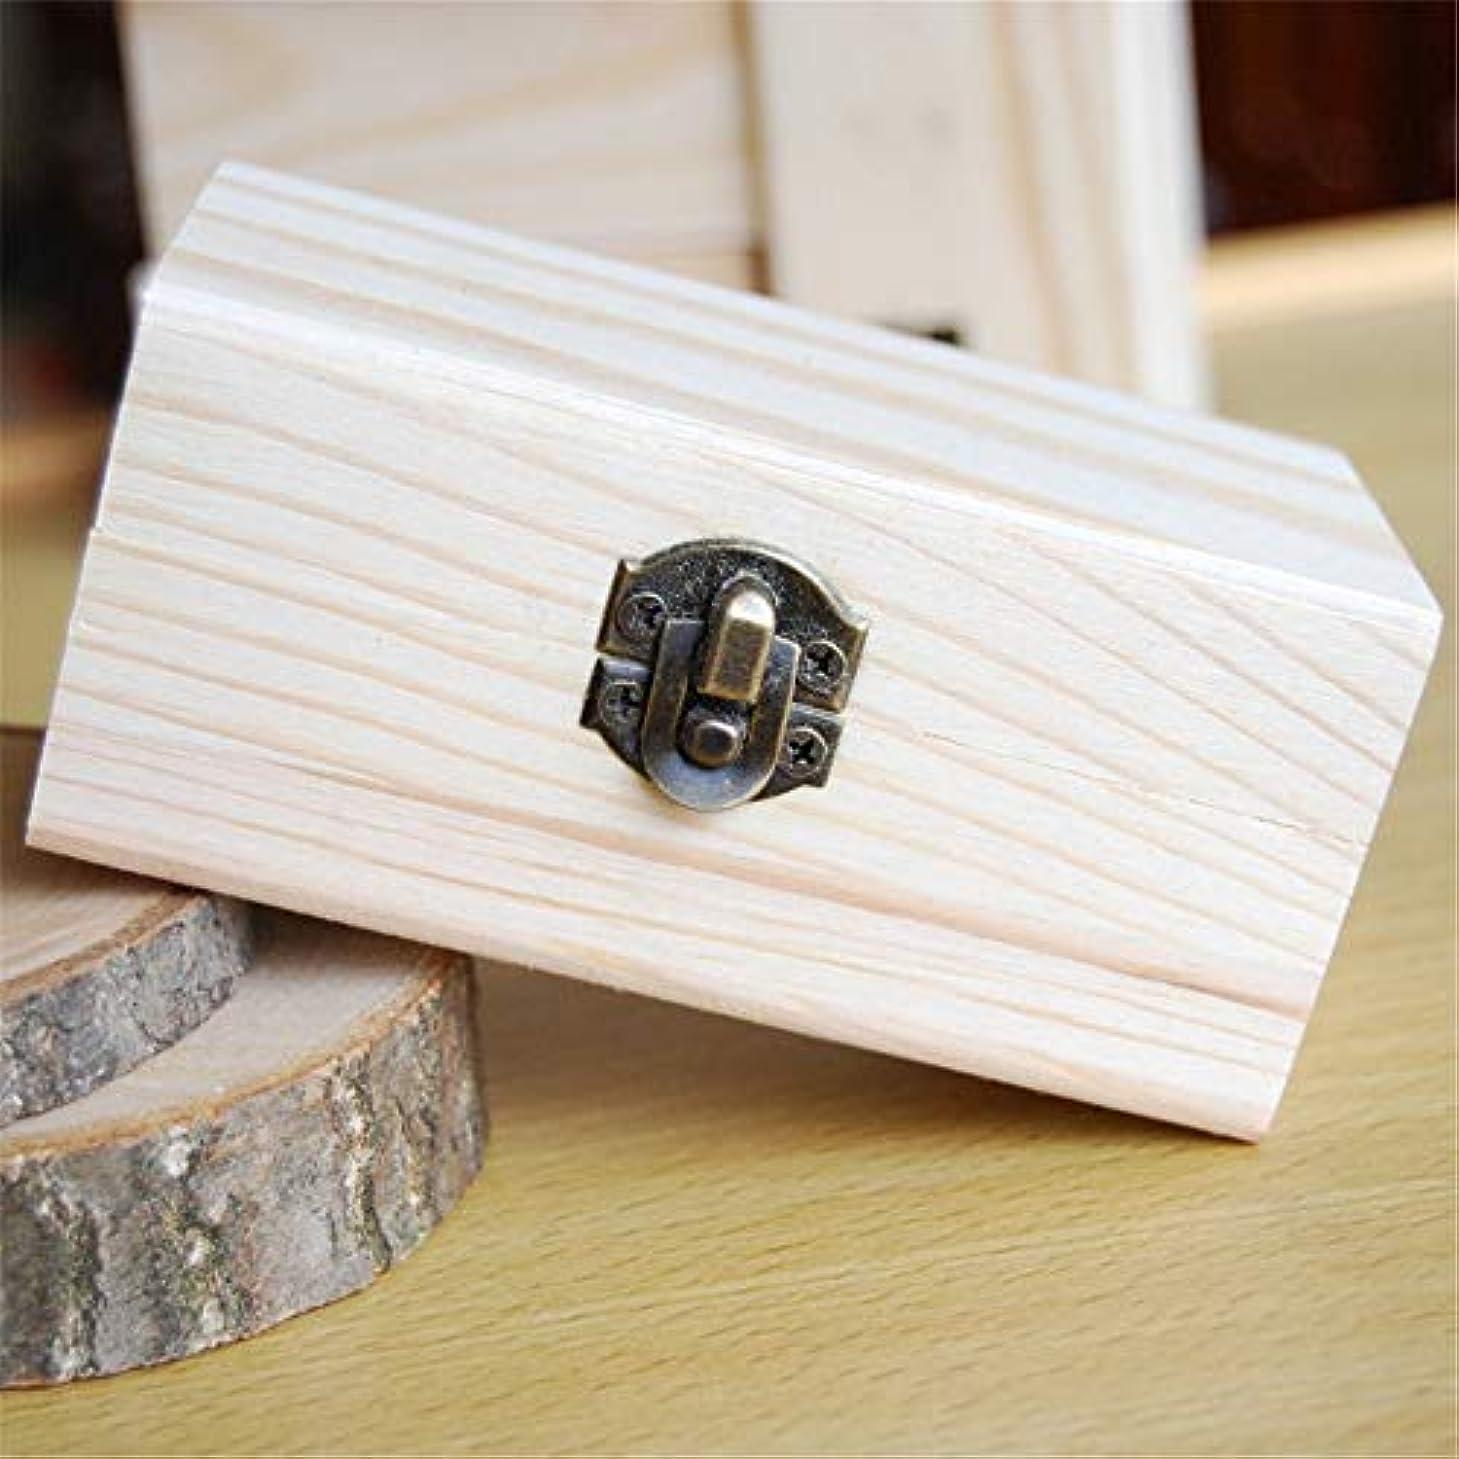 愚かであること高度なエッセンシャルオイルの保管 安全に油を維持するための品質の木製エッセンシャルオイルストレージボックスベスト (色 : Natural, サイズ : 10X6X5CM)